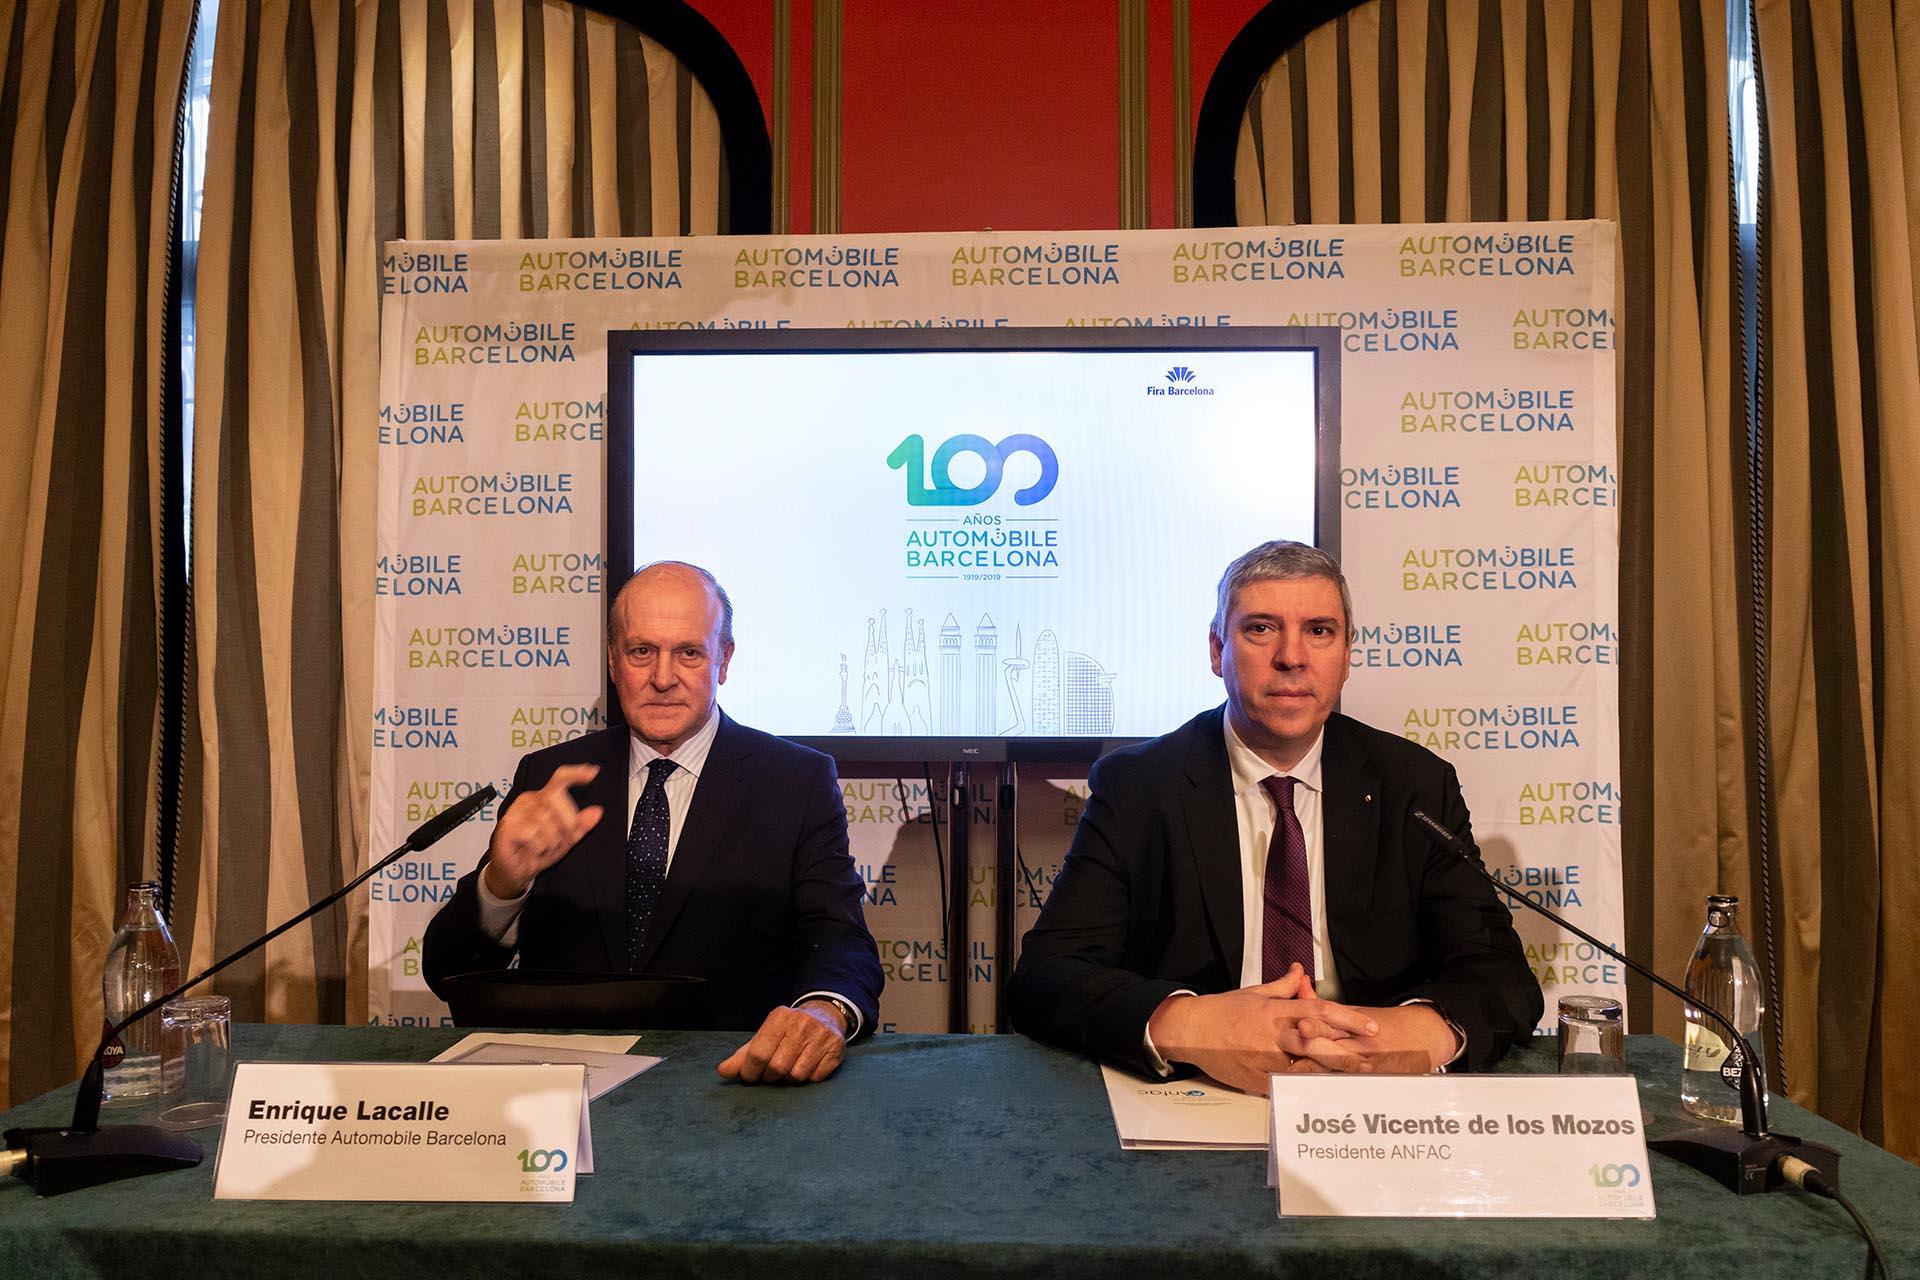 El Presidente de Automobile Barcelona Enrique Lacalle y el Presidente de Anfac José Vicente de los Mozos, presentan en rueda de prensa la 100 edición de la feria de Automobile de Barcelona, en Madrid el 4 de febrero de 2019. / FOTOGRAFÍA: DANIEL SANTAMARÍA / FLEET PEOPLE